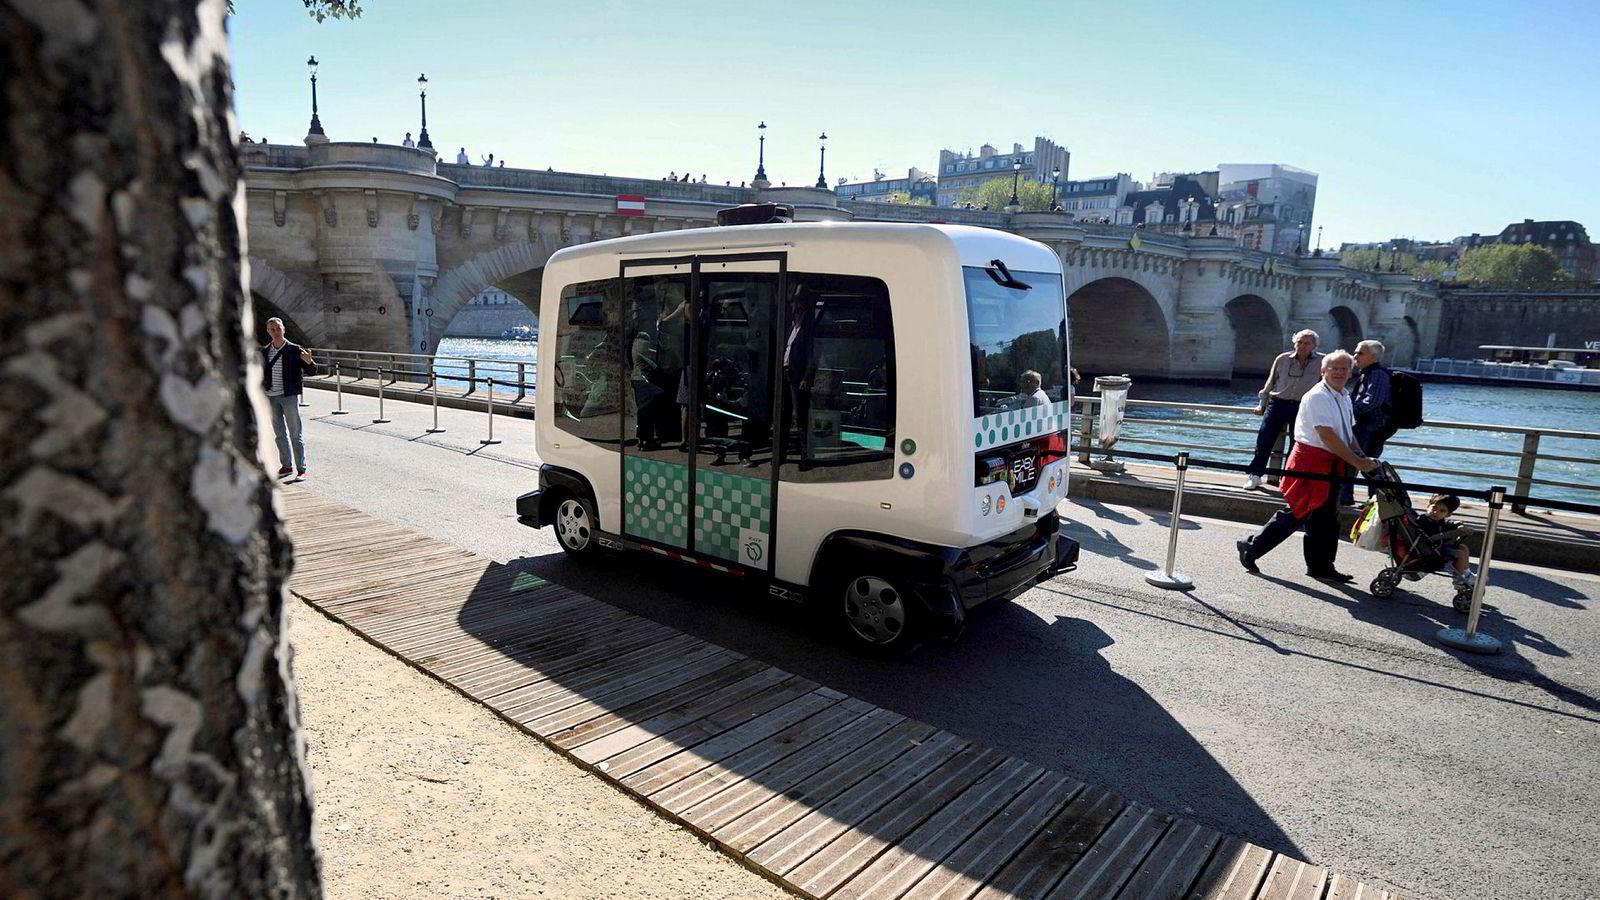 «Den mest interessante endringen er kanskje ikke egentlig en bil uten sjåfør, men at kombinasjonen av elektrifisering, selvkjøring og delingsøkonomi åpner for helt nye kategorier og måter å organisere transport på», skriver Ida Aalen. Bildet viser testing av en førerløs buss i Paris.